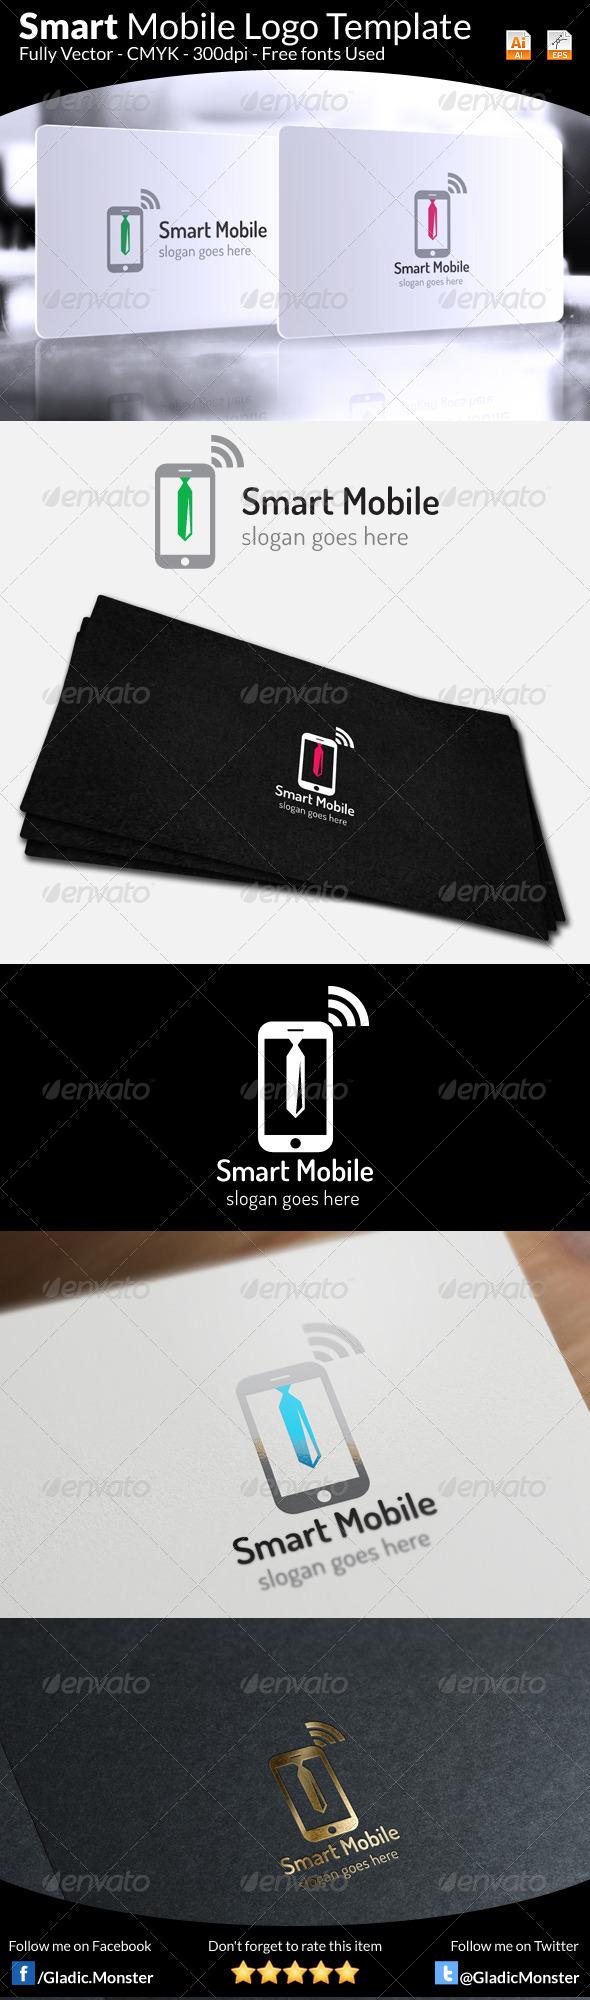 GraphicRiver Smart Mobile Logo Template 6501225